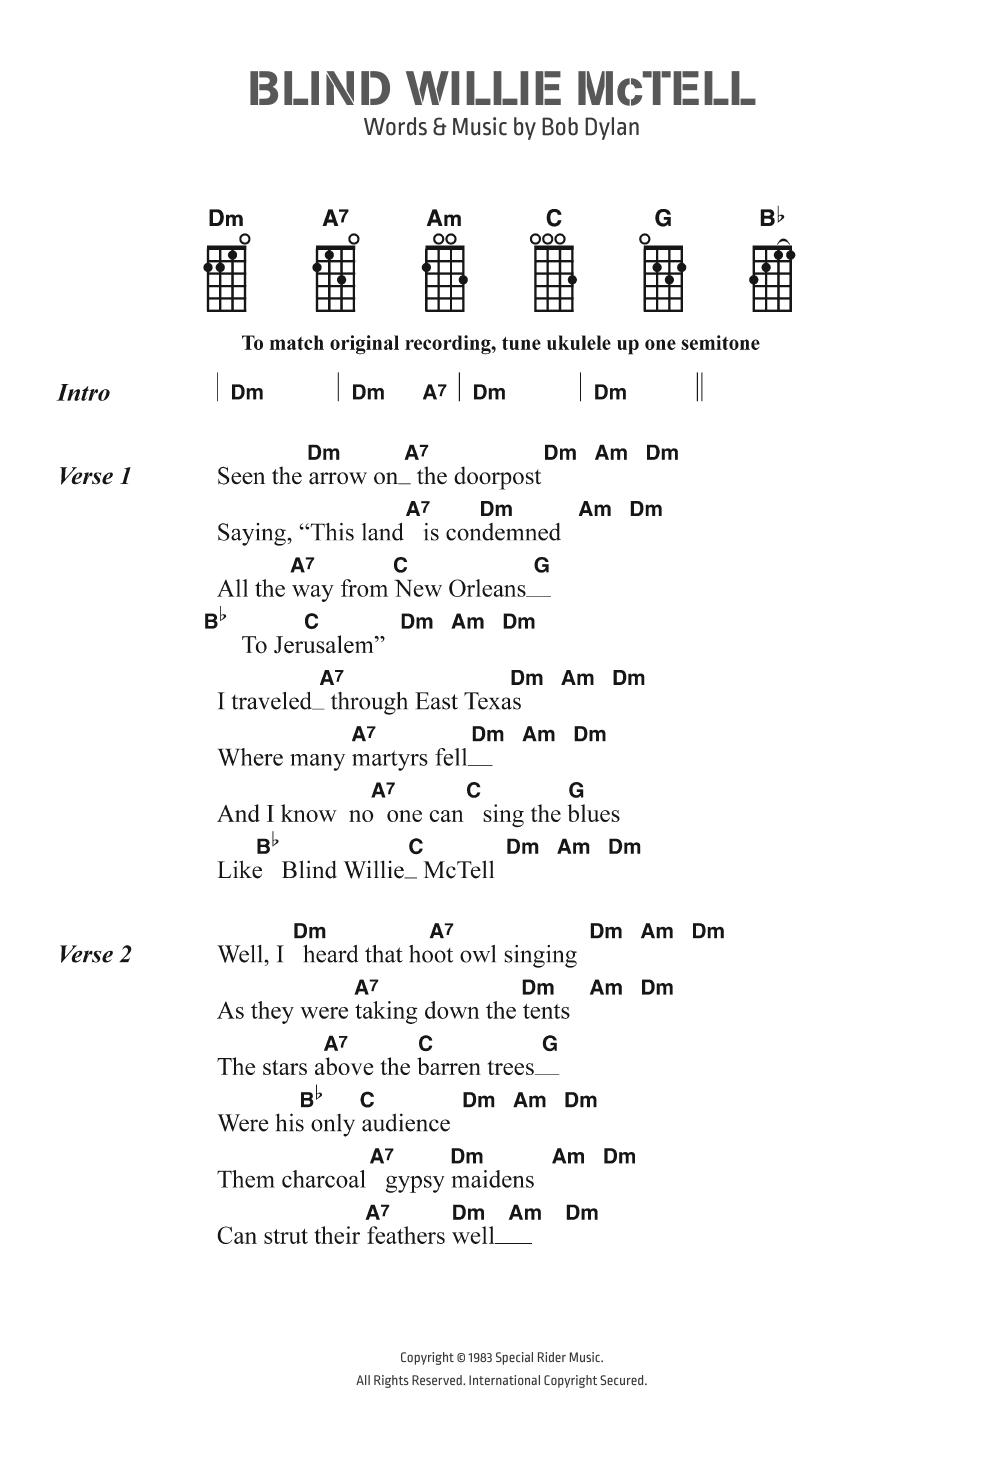 Blind Willie McTell Sheet Music